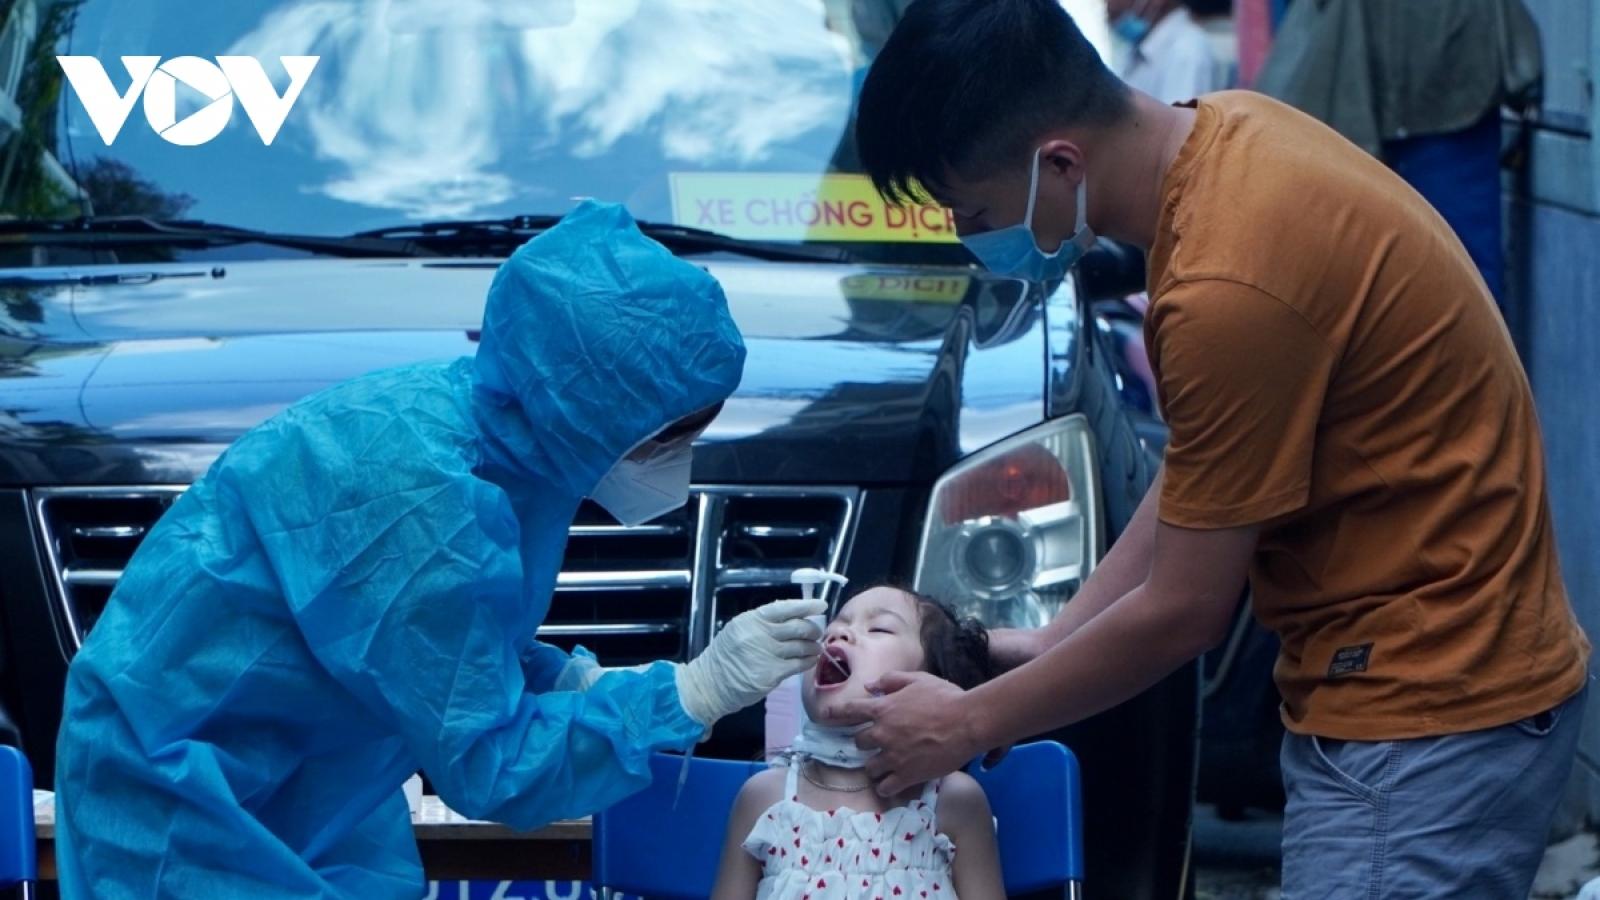 Ngày 3/8, Việt Nam có 8.377 ca mắc COVID-19, riêng TP.HCM 4.171 ca